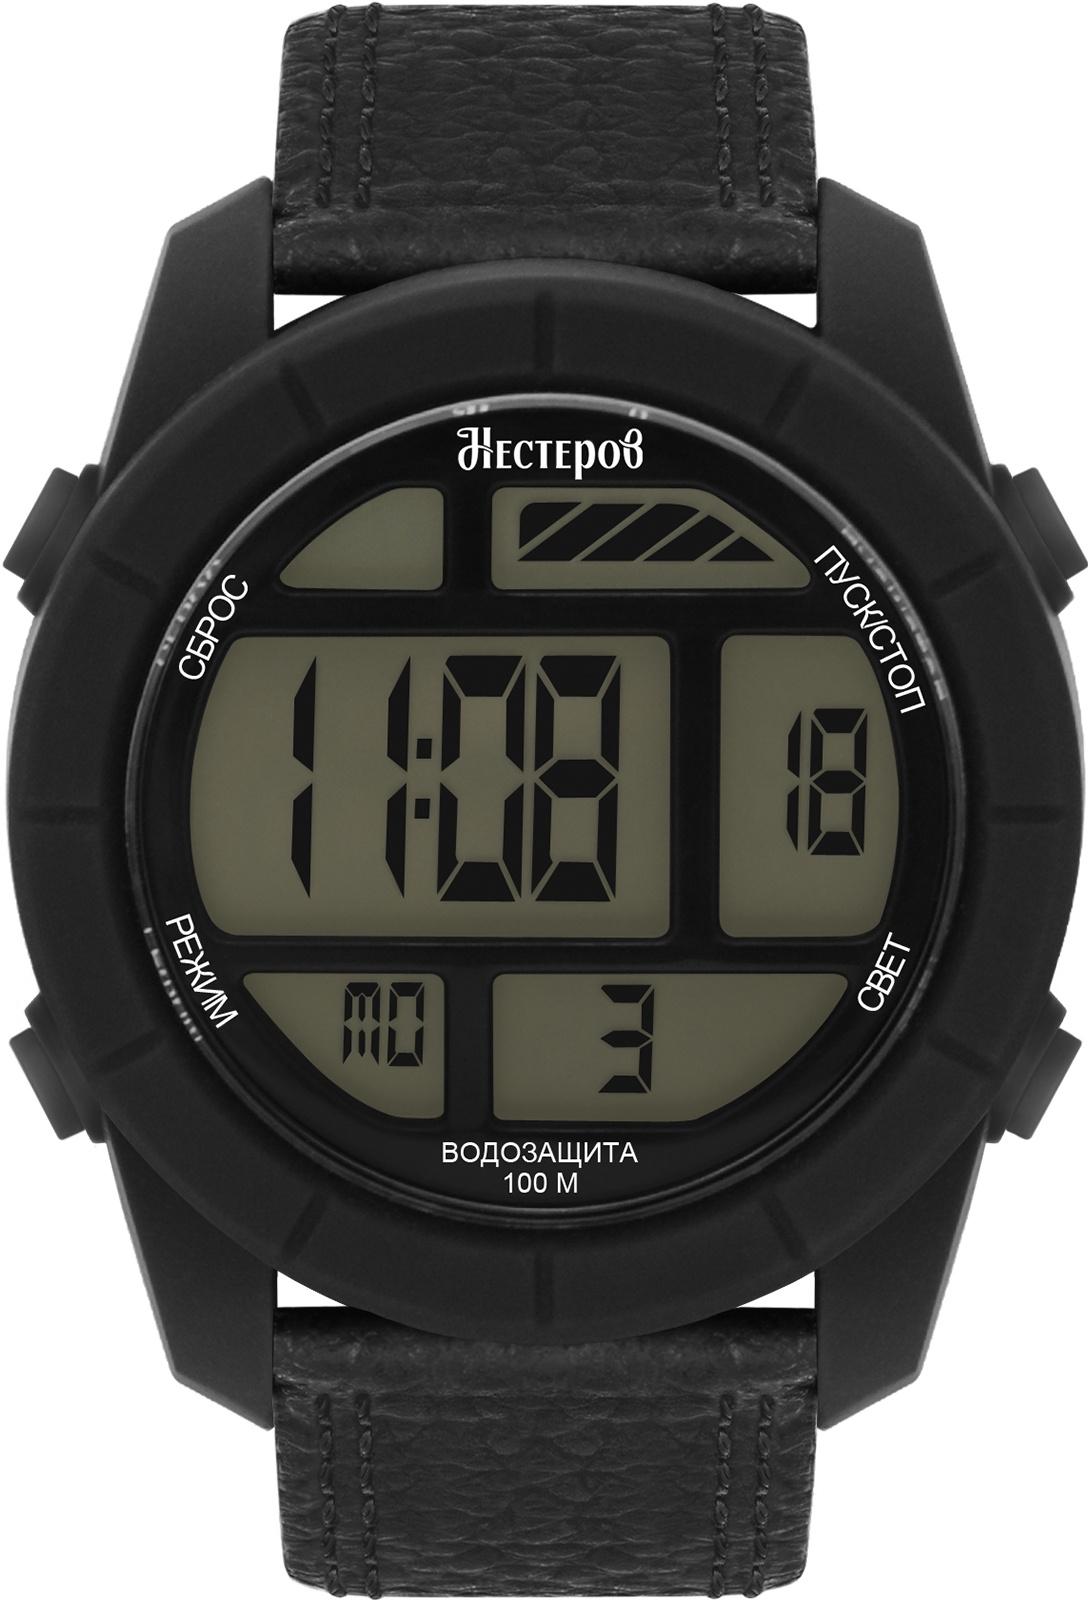 Часы Нестеров H2578A38-0E, черный все цены